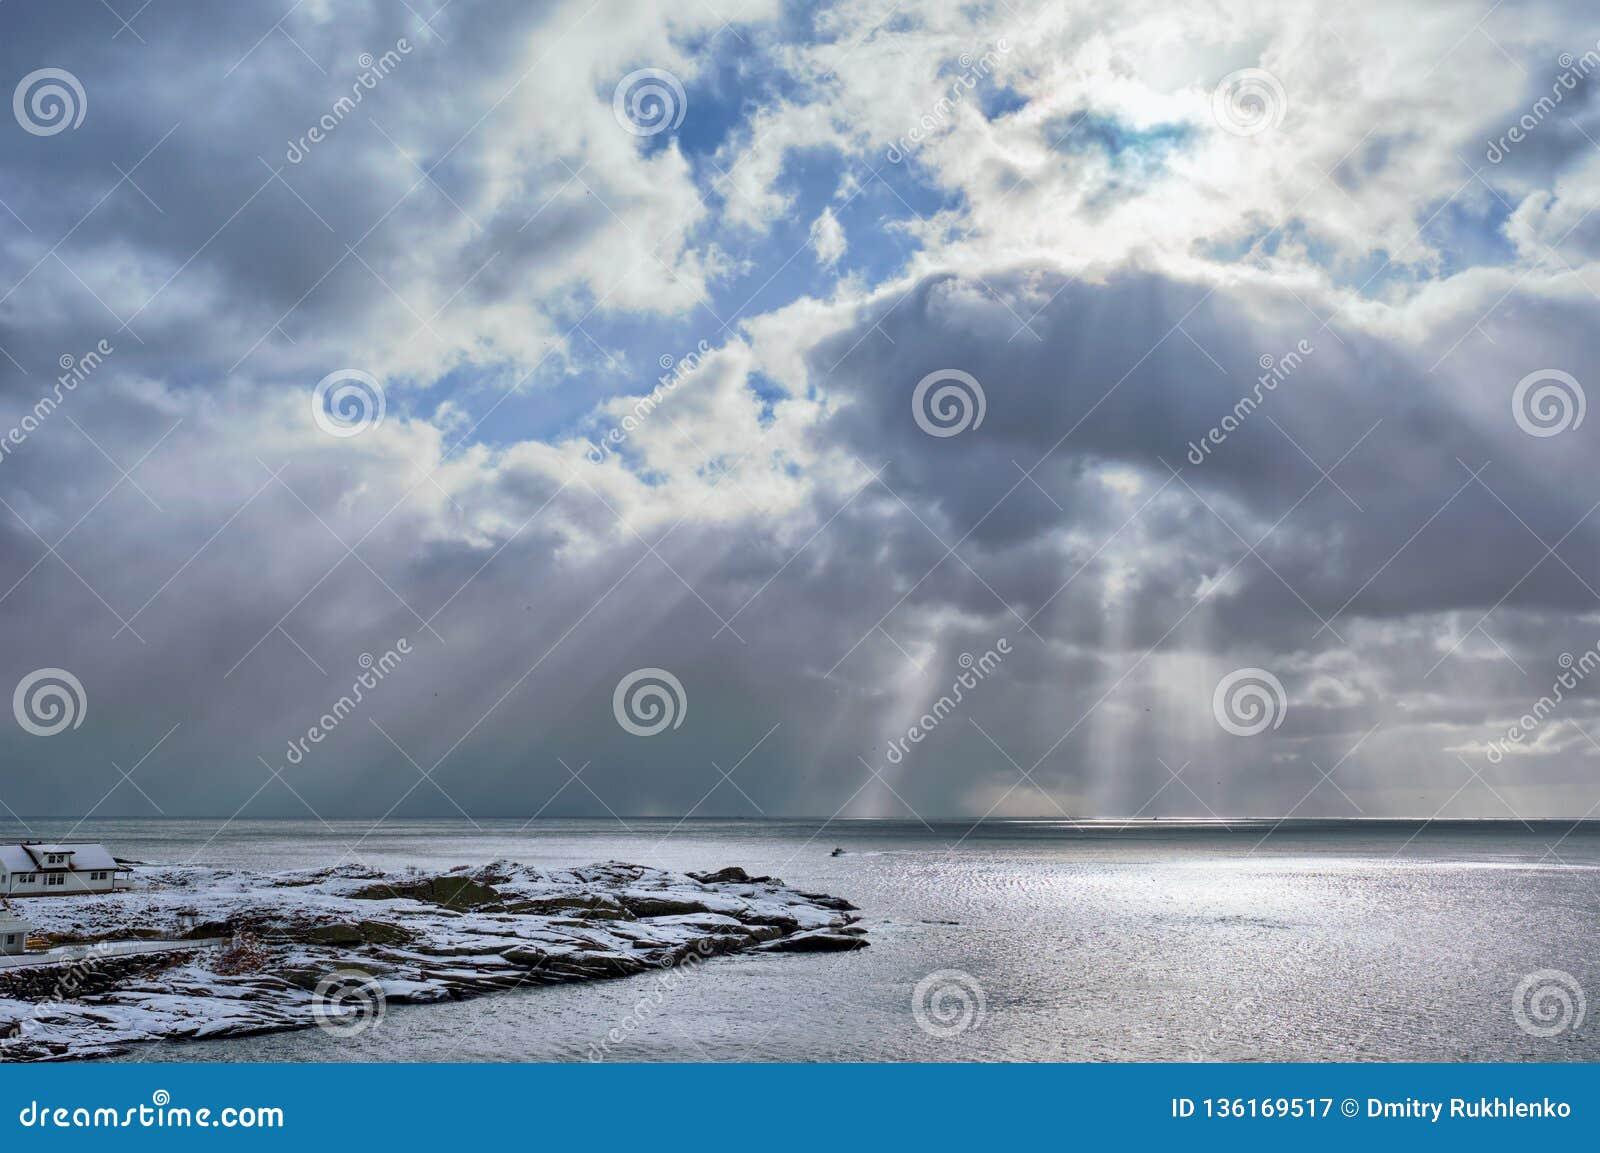 Mar norueguês no inverno com raios do sol